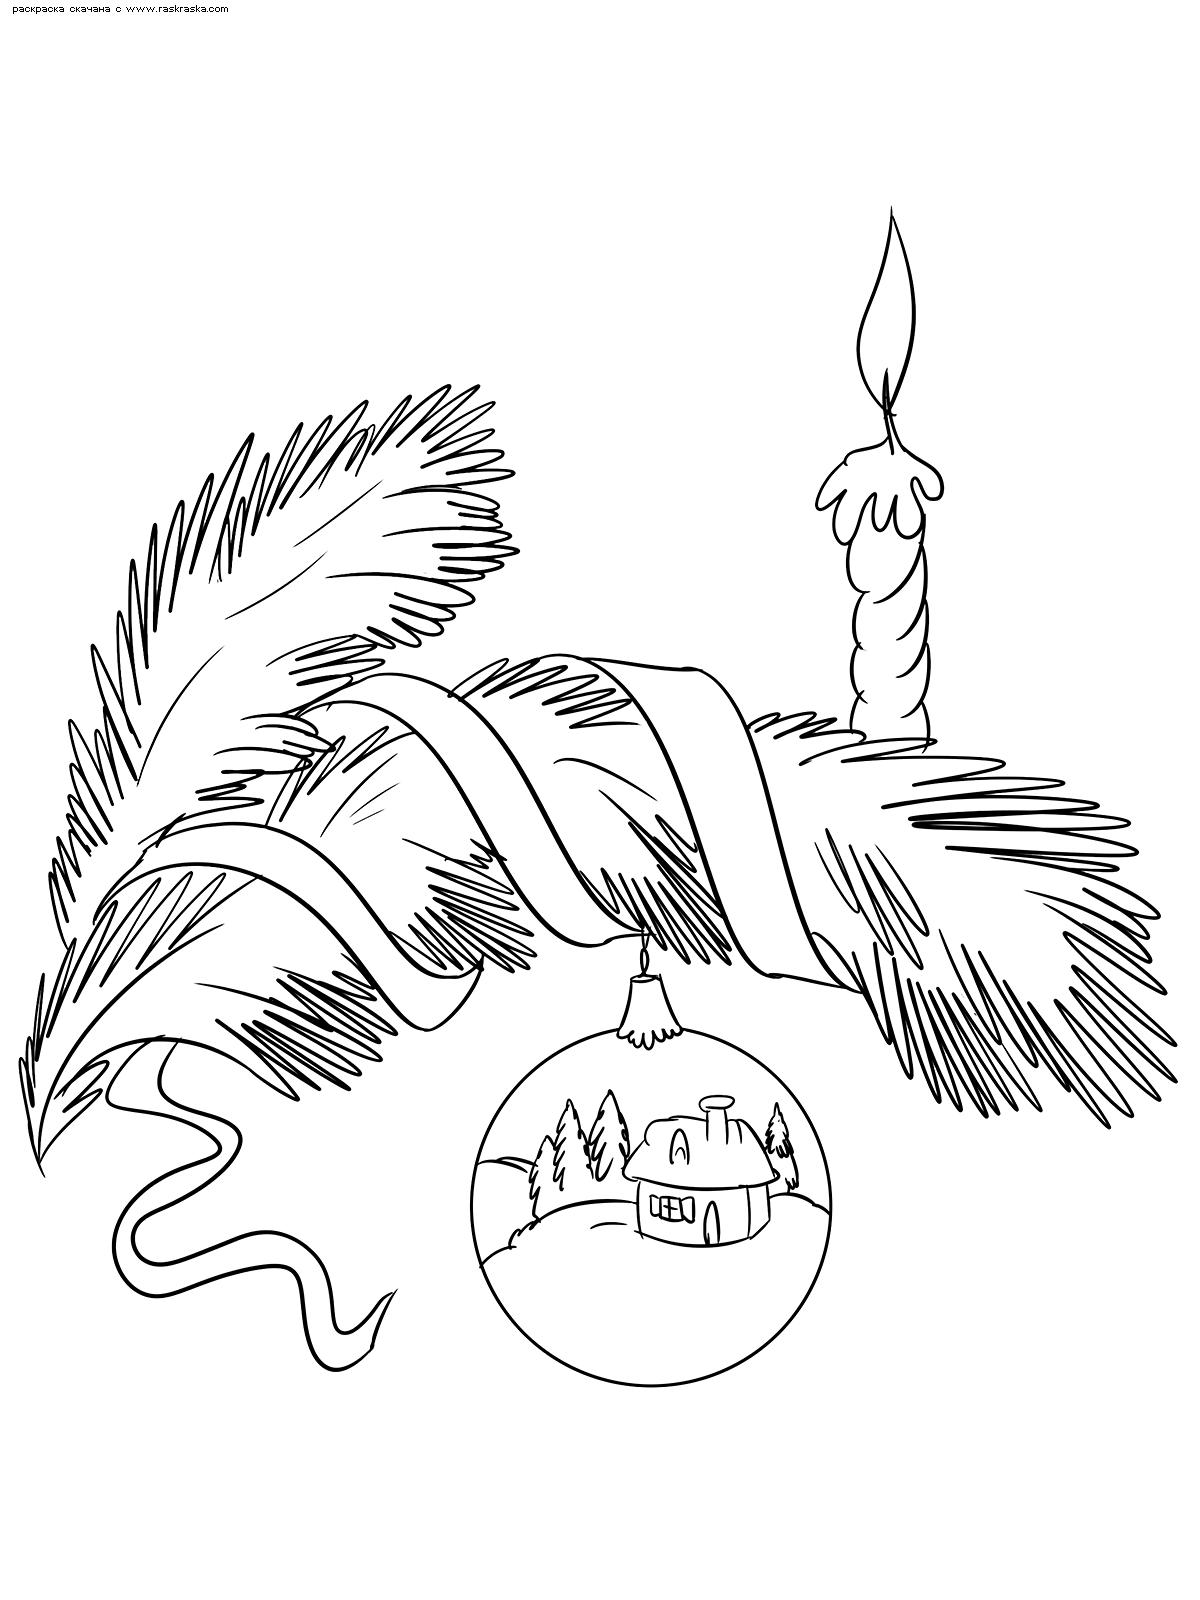 Раскраска Рождество. Раскраска рождество, свеча, шар